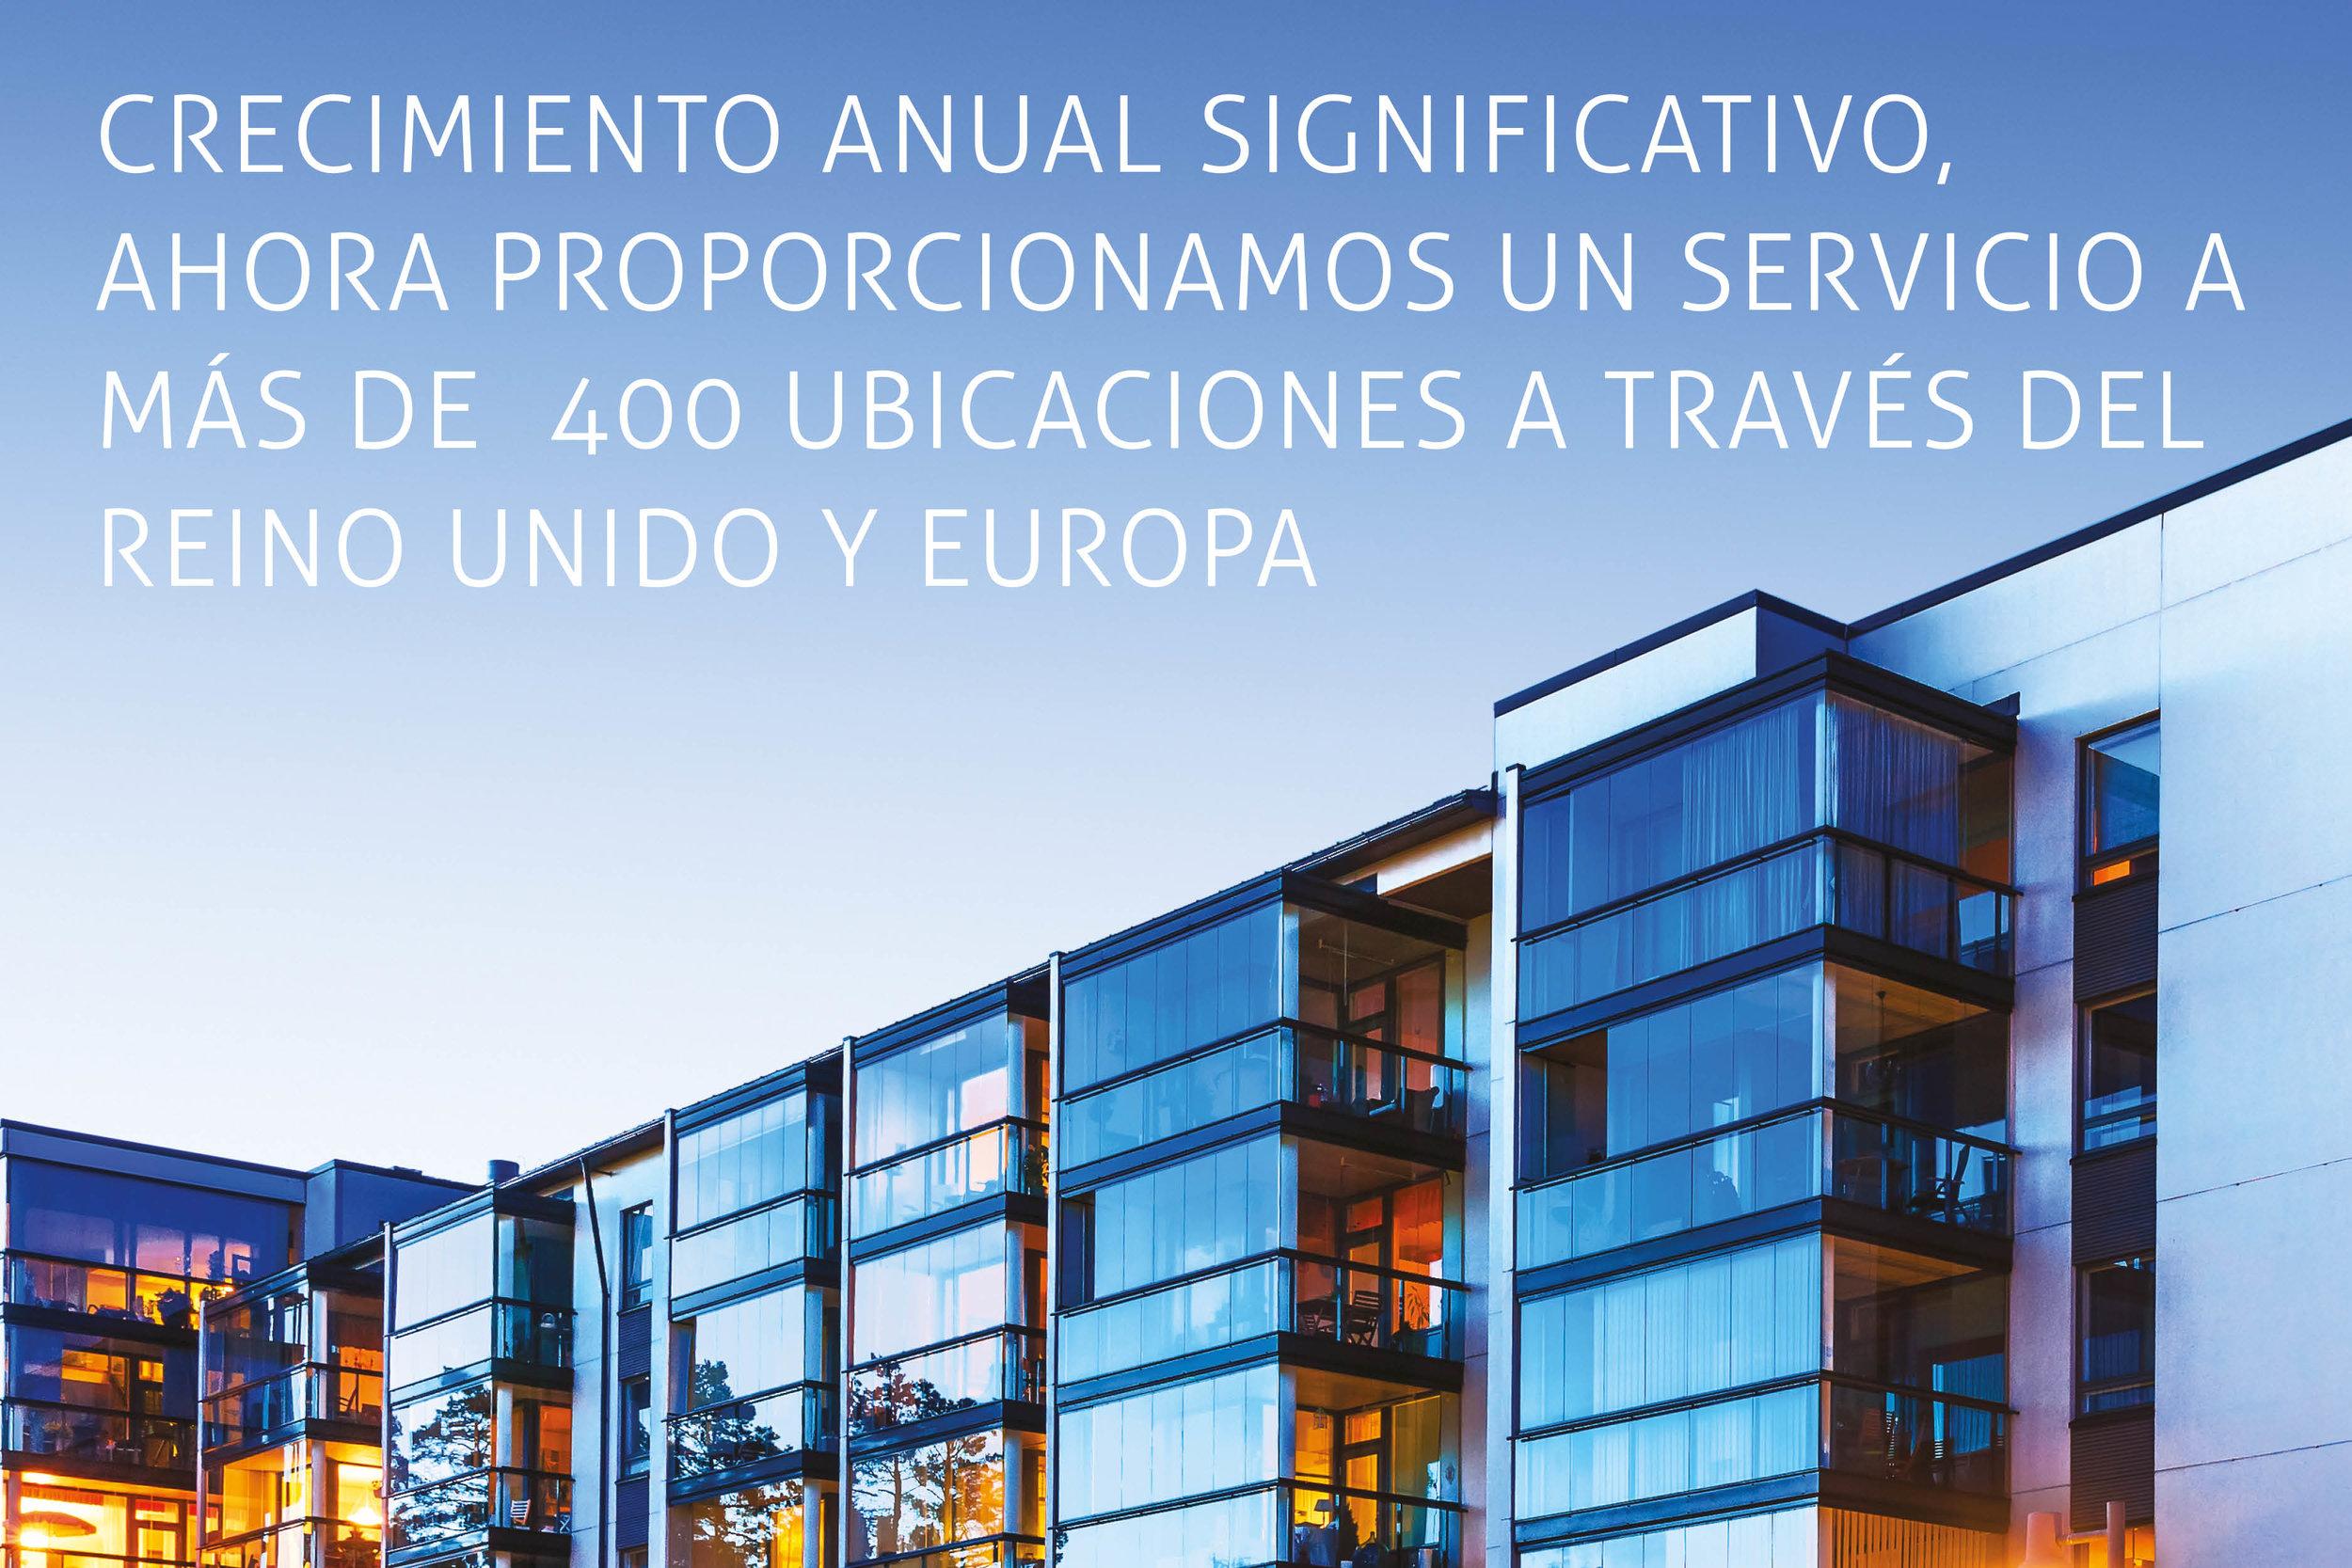 Crecimiento anual significativo, ahora proporcionamos un servicio a más de  400 ubicaciones a través del Reino Unido y Europa